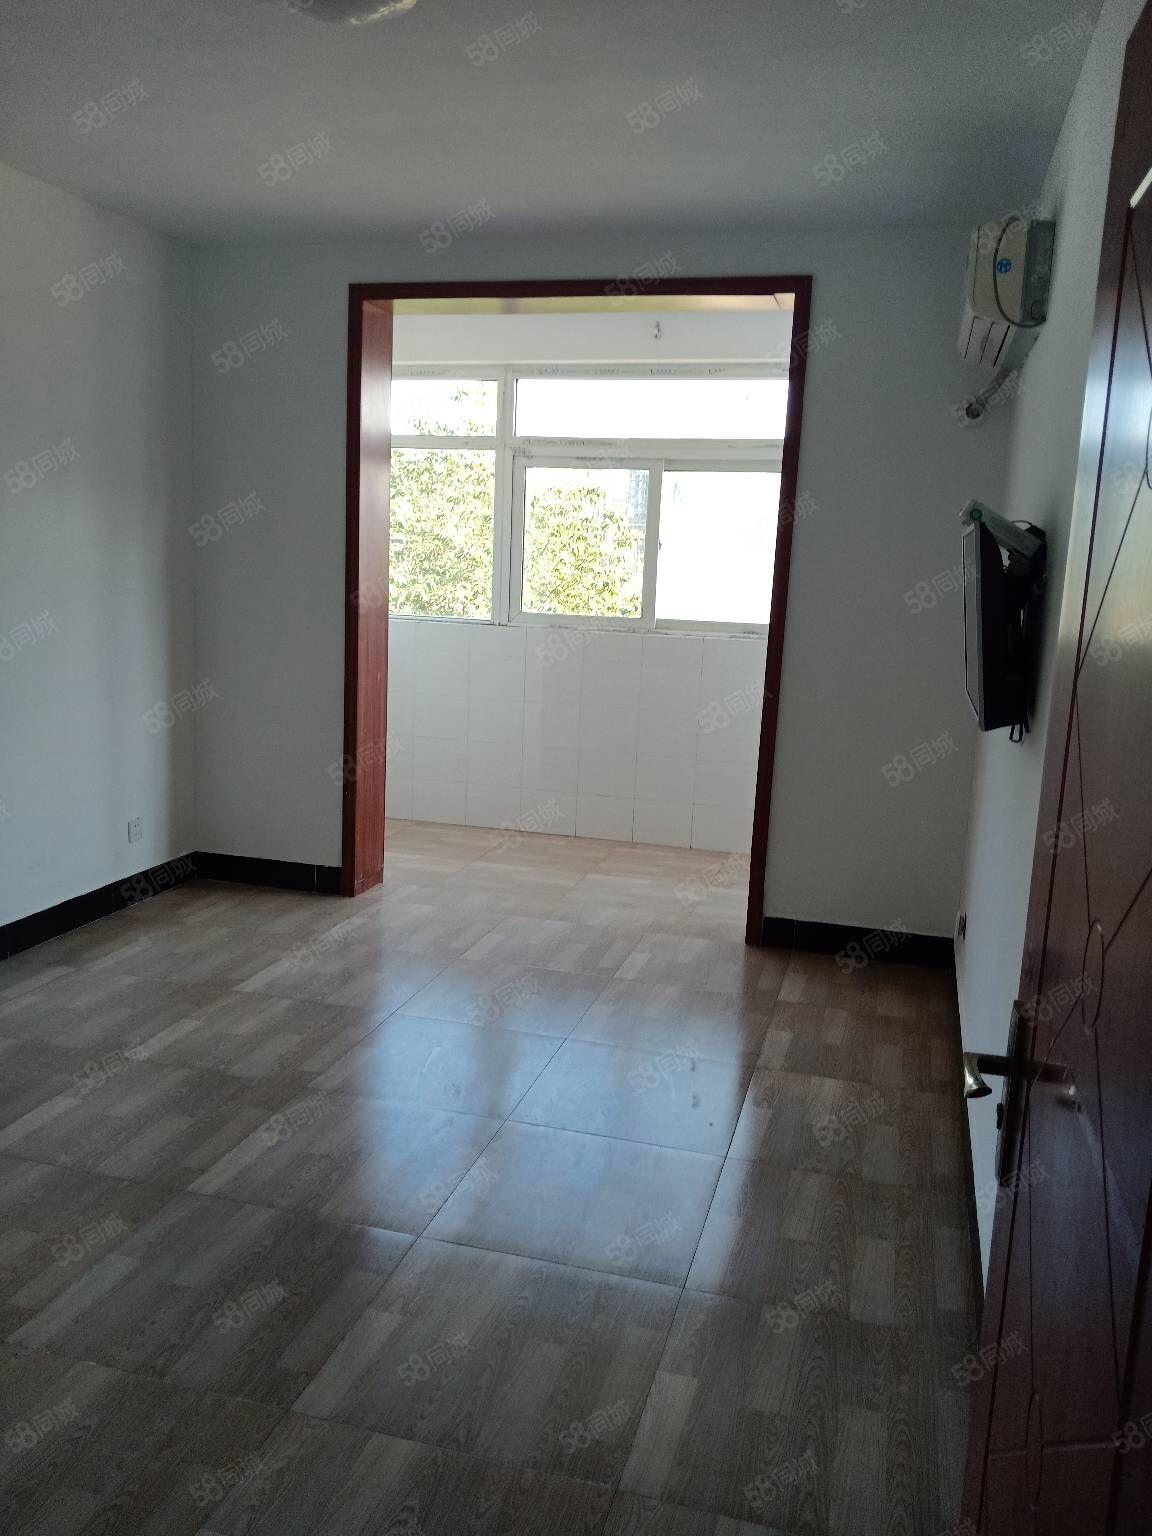 龍山莊園兩室簡單裝修,南關雙學區,周邊配套齊全,